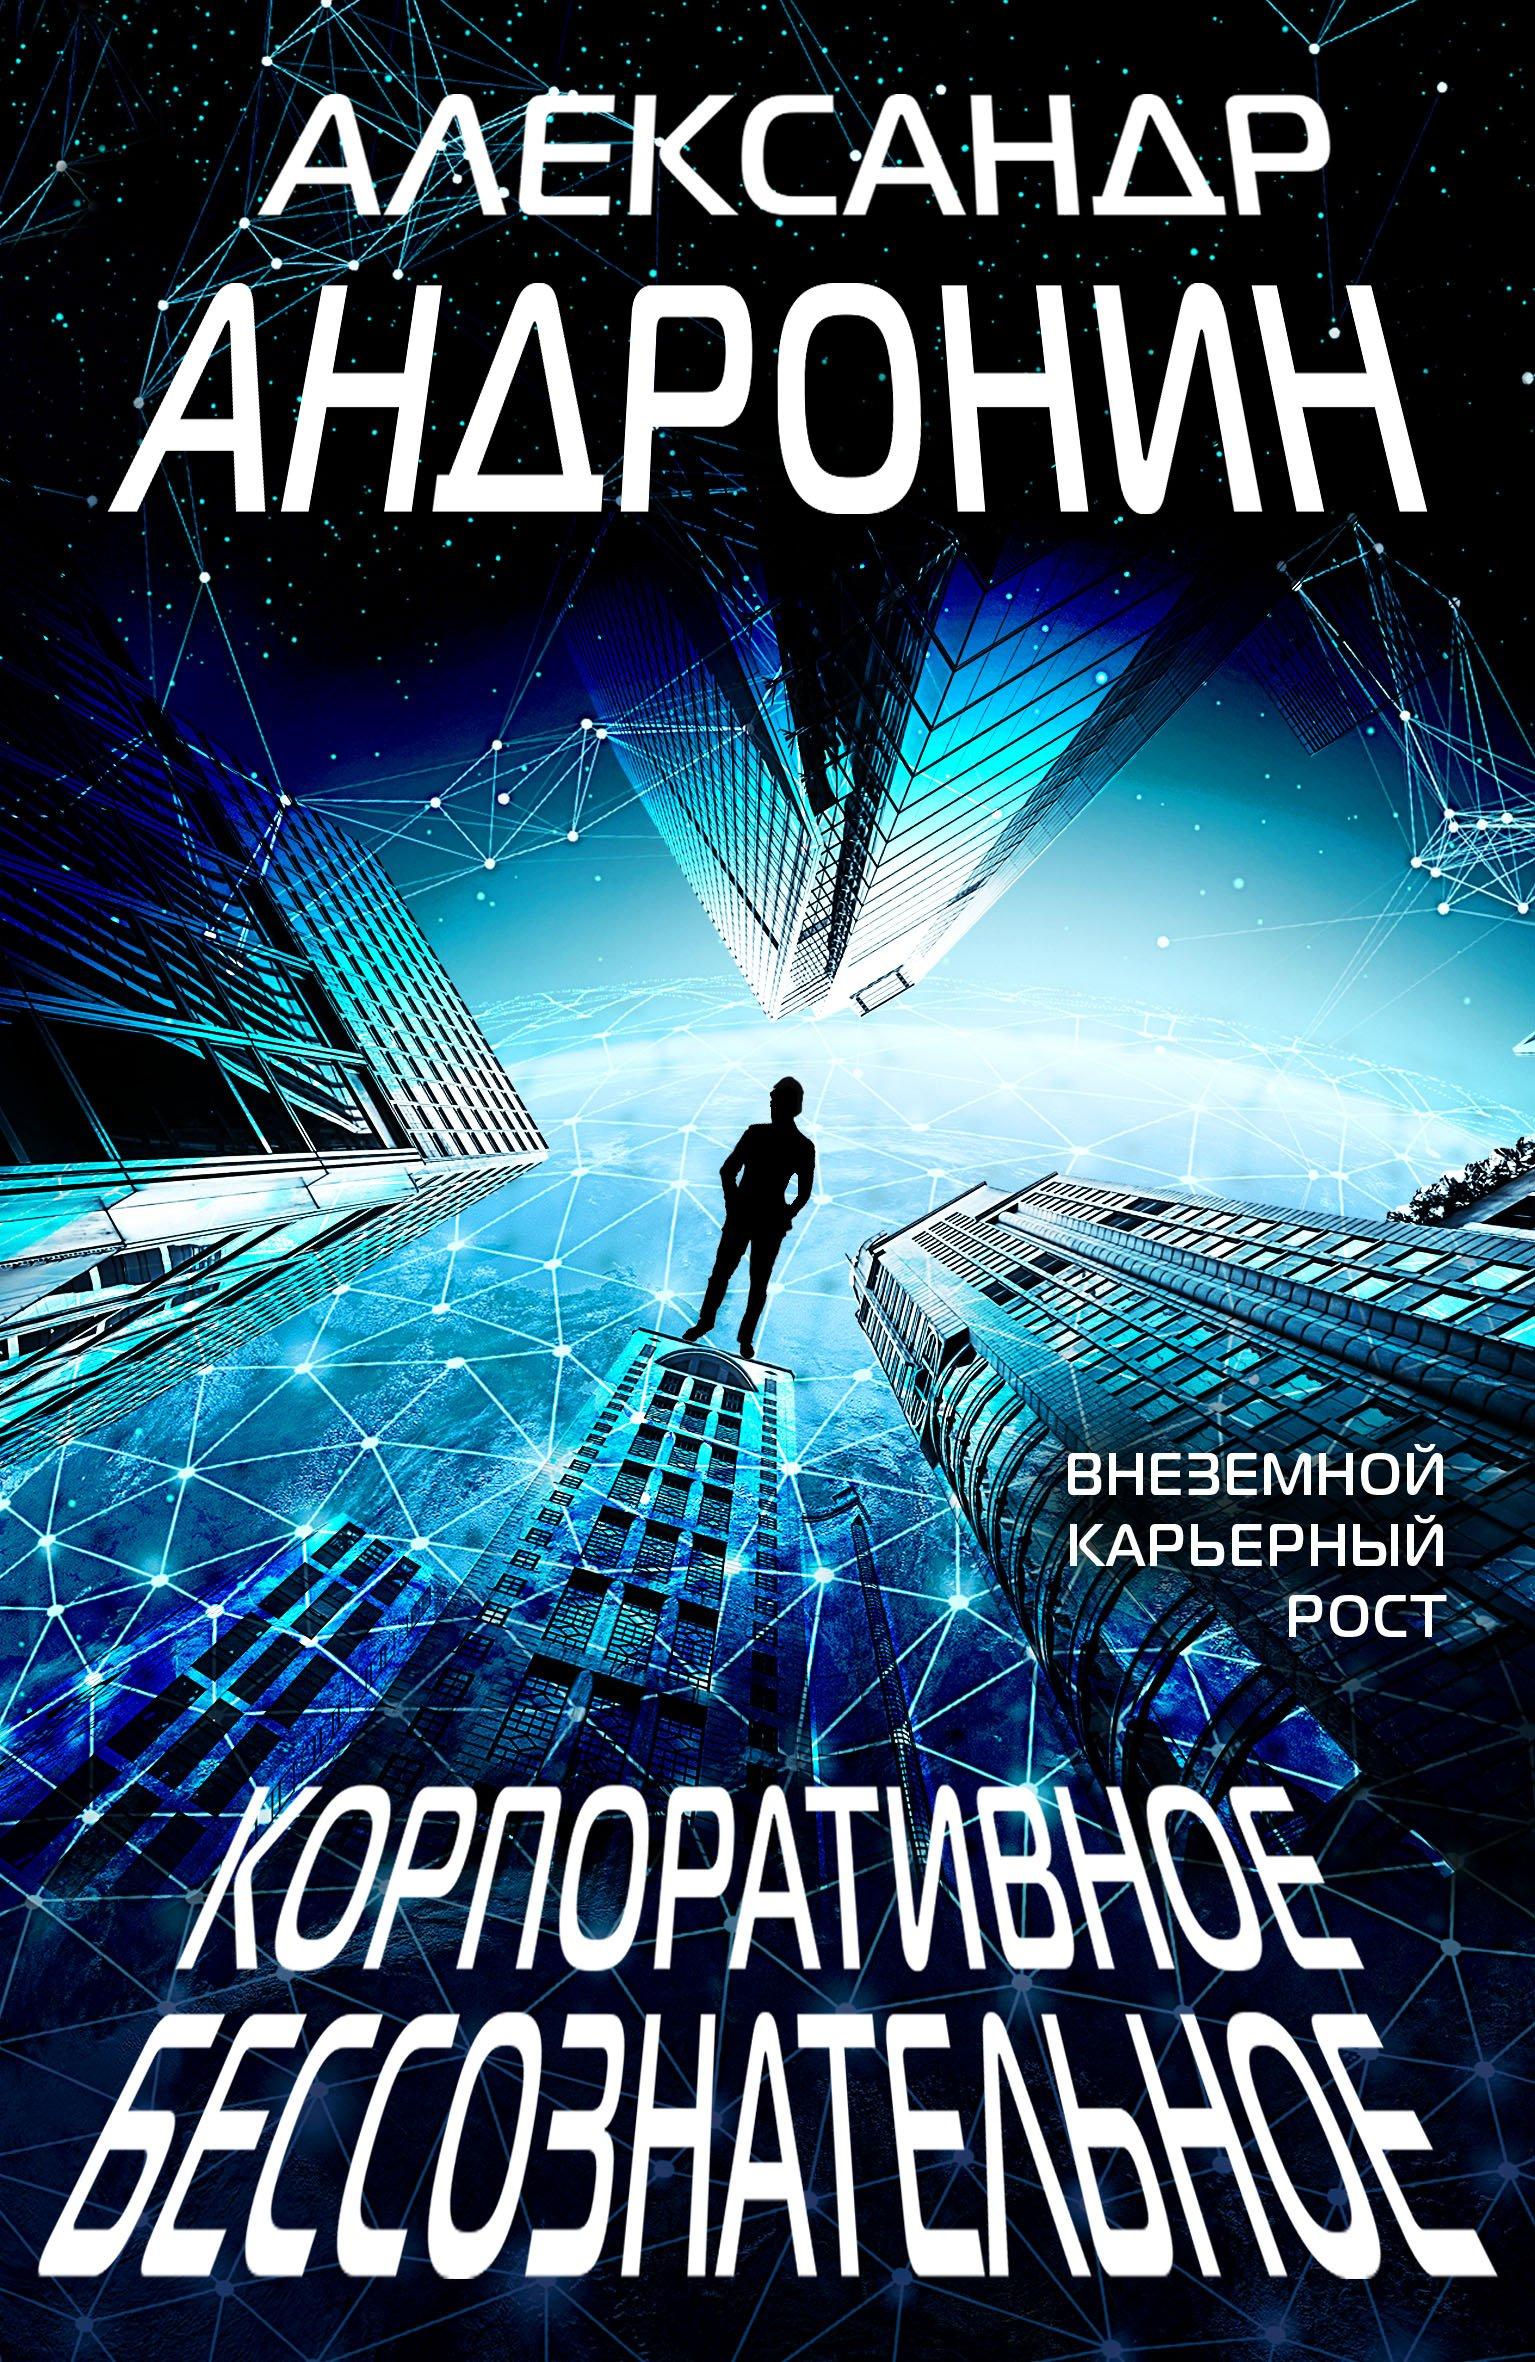 Александр Андронин - Корпоративное бессознательное